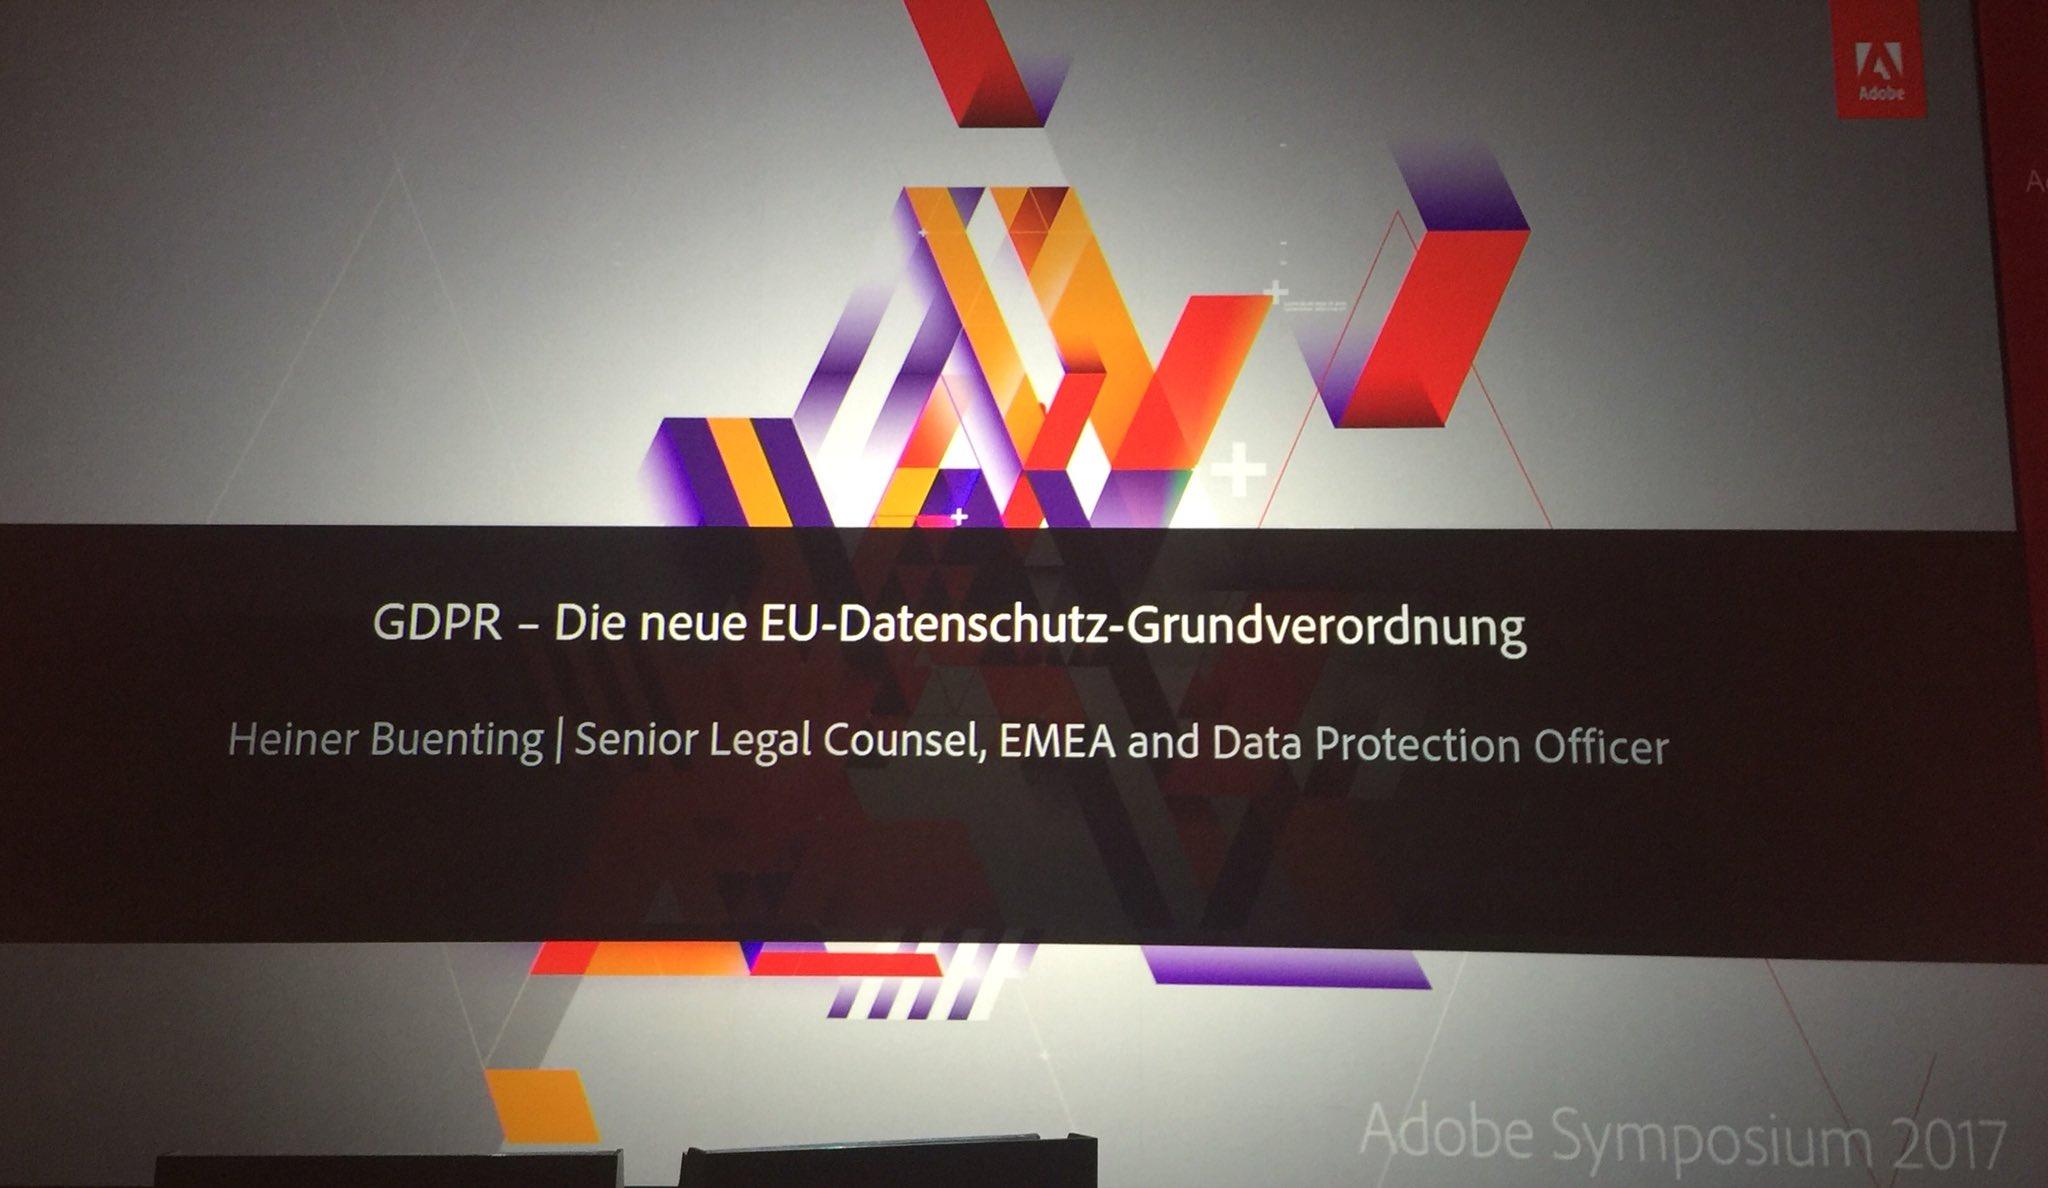 Die neue EU Datenschutz-Grundverordnung aus dem Blickwinkel  #DigitalMarketing, #Analytics und der #Personalisierung @ #AdobeSymp #tsmms #GDPR https://t.co/MnJ6cvDa0J